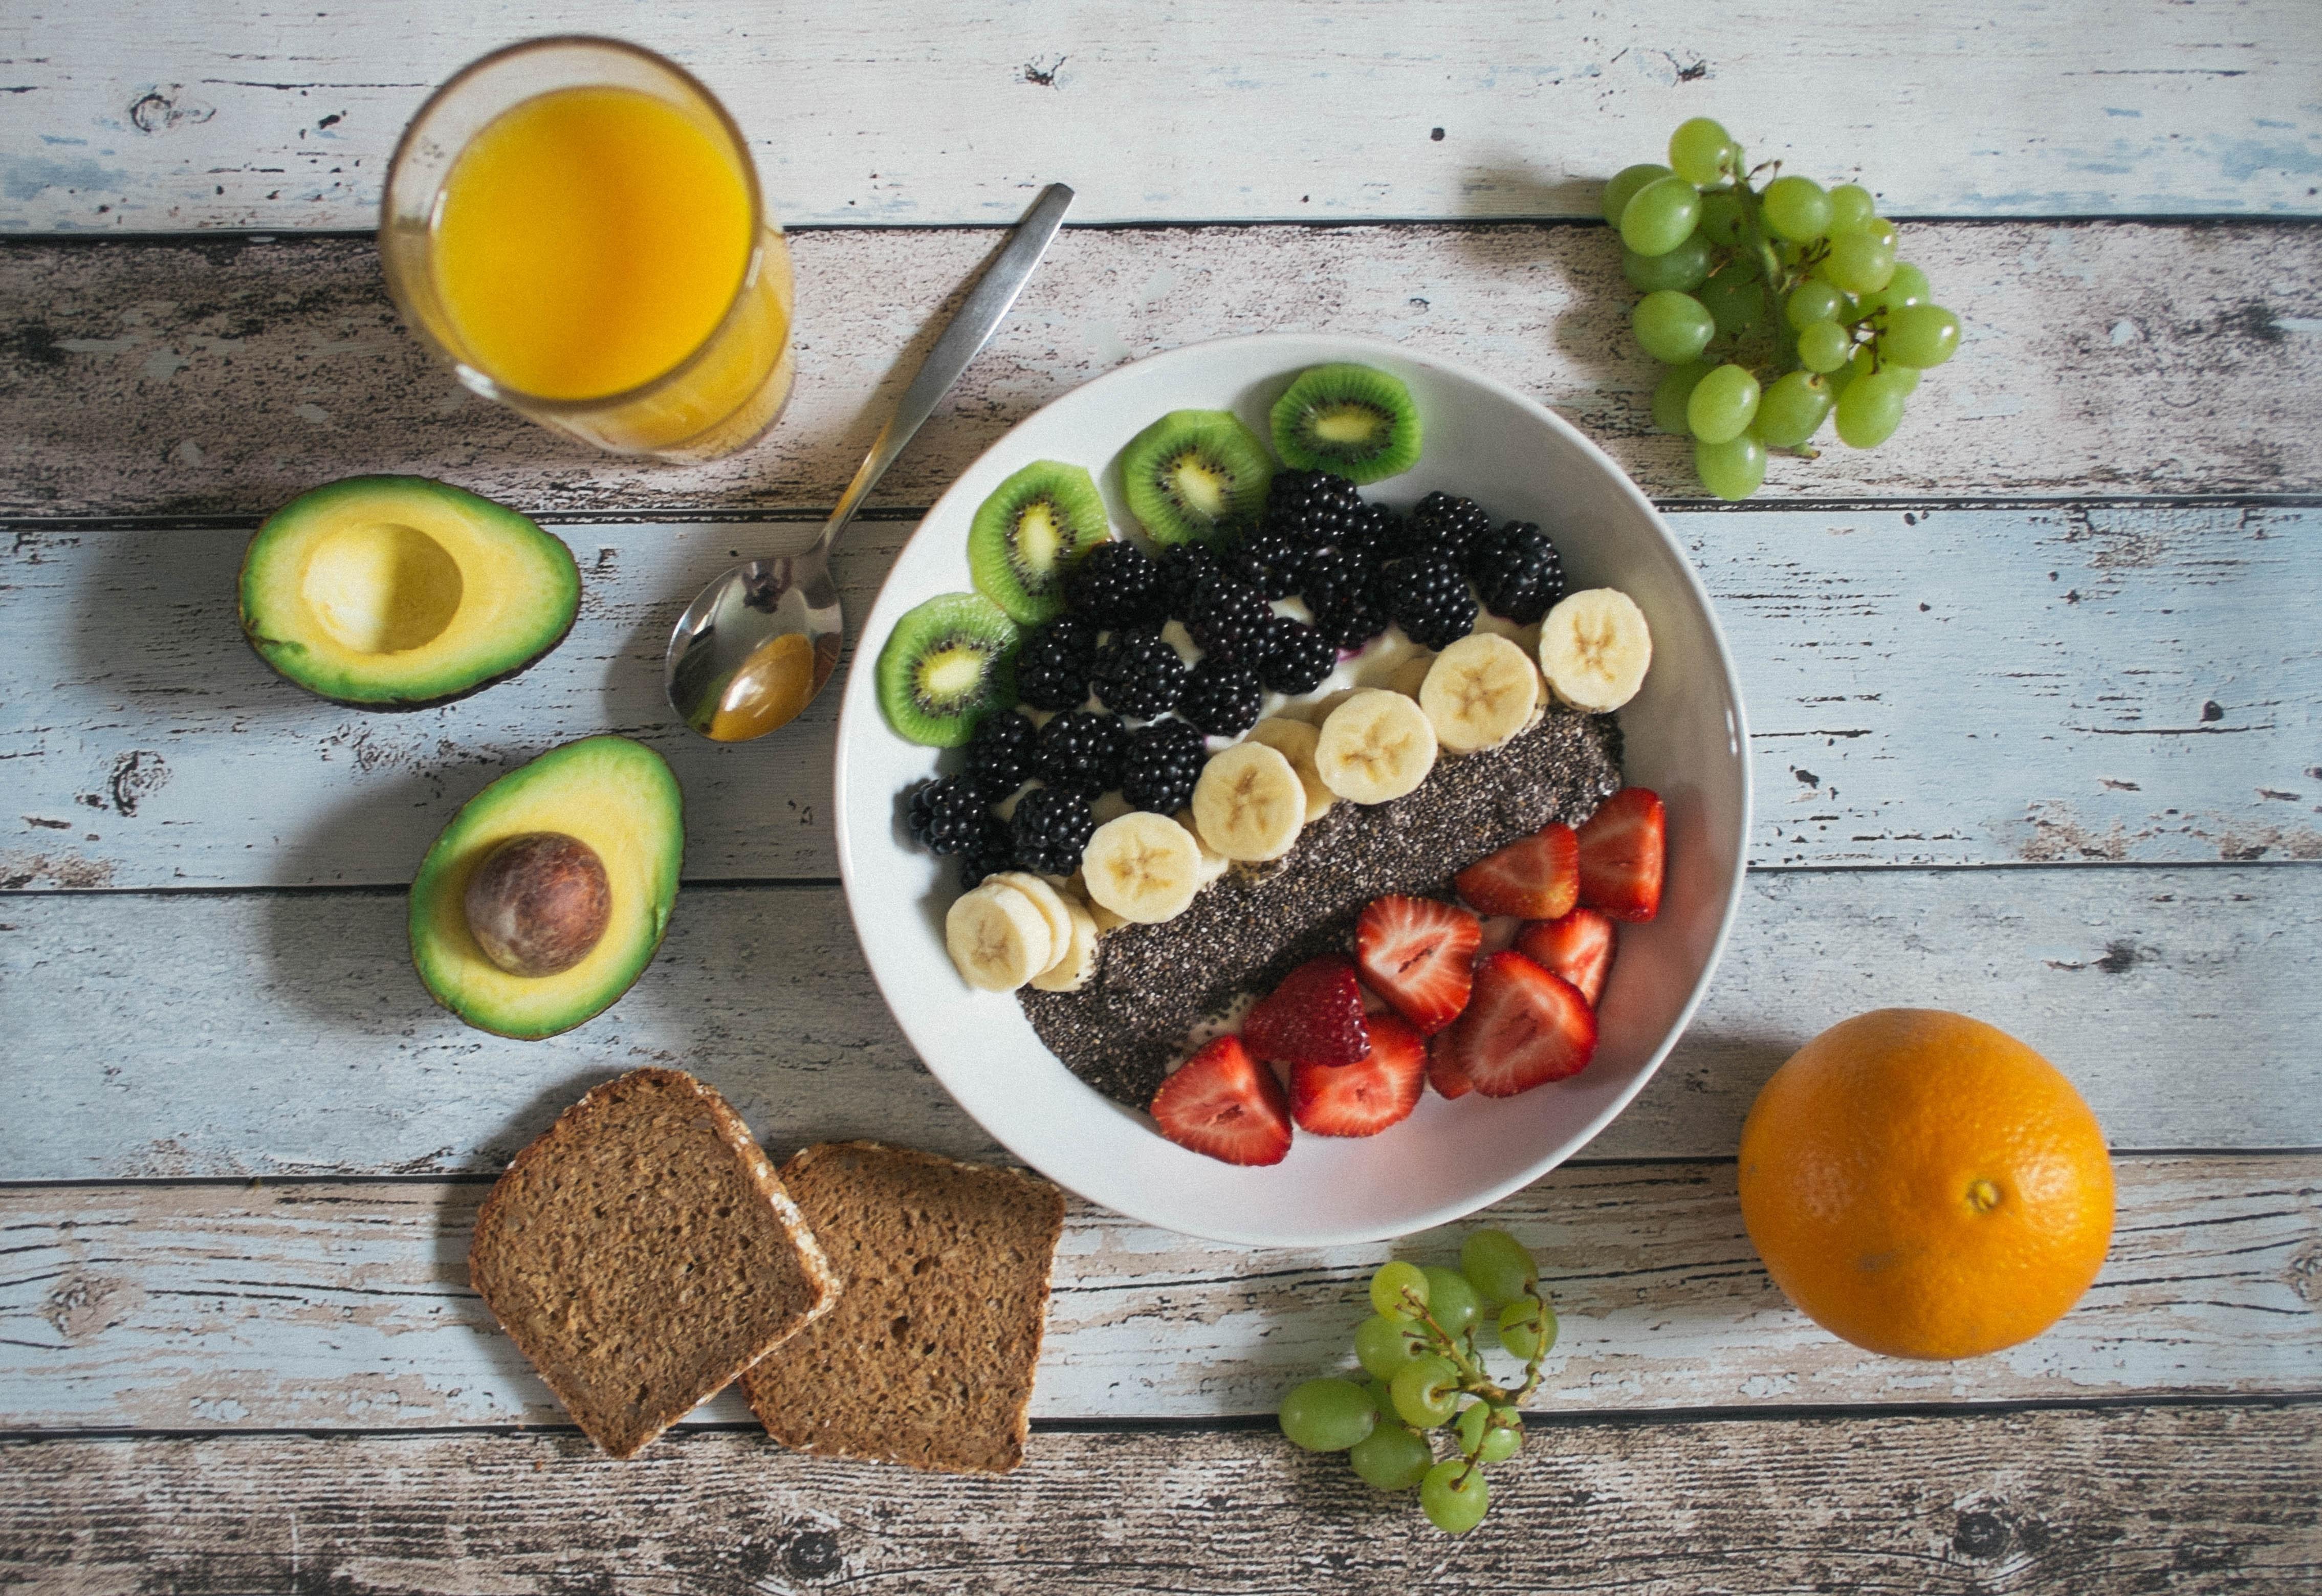 Frutas são aliadas da alimentação saudável